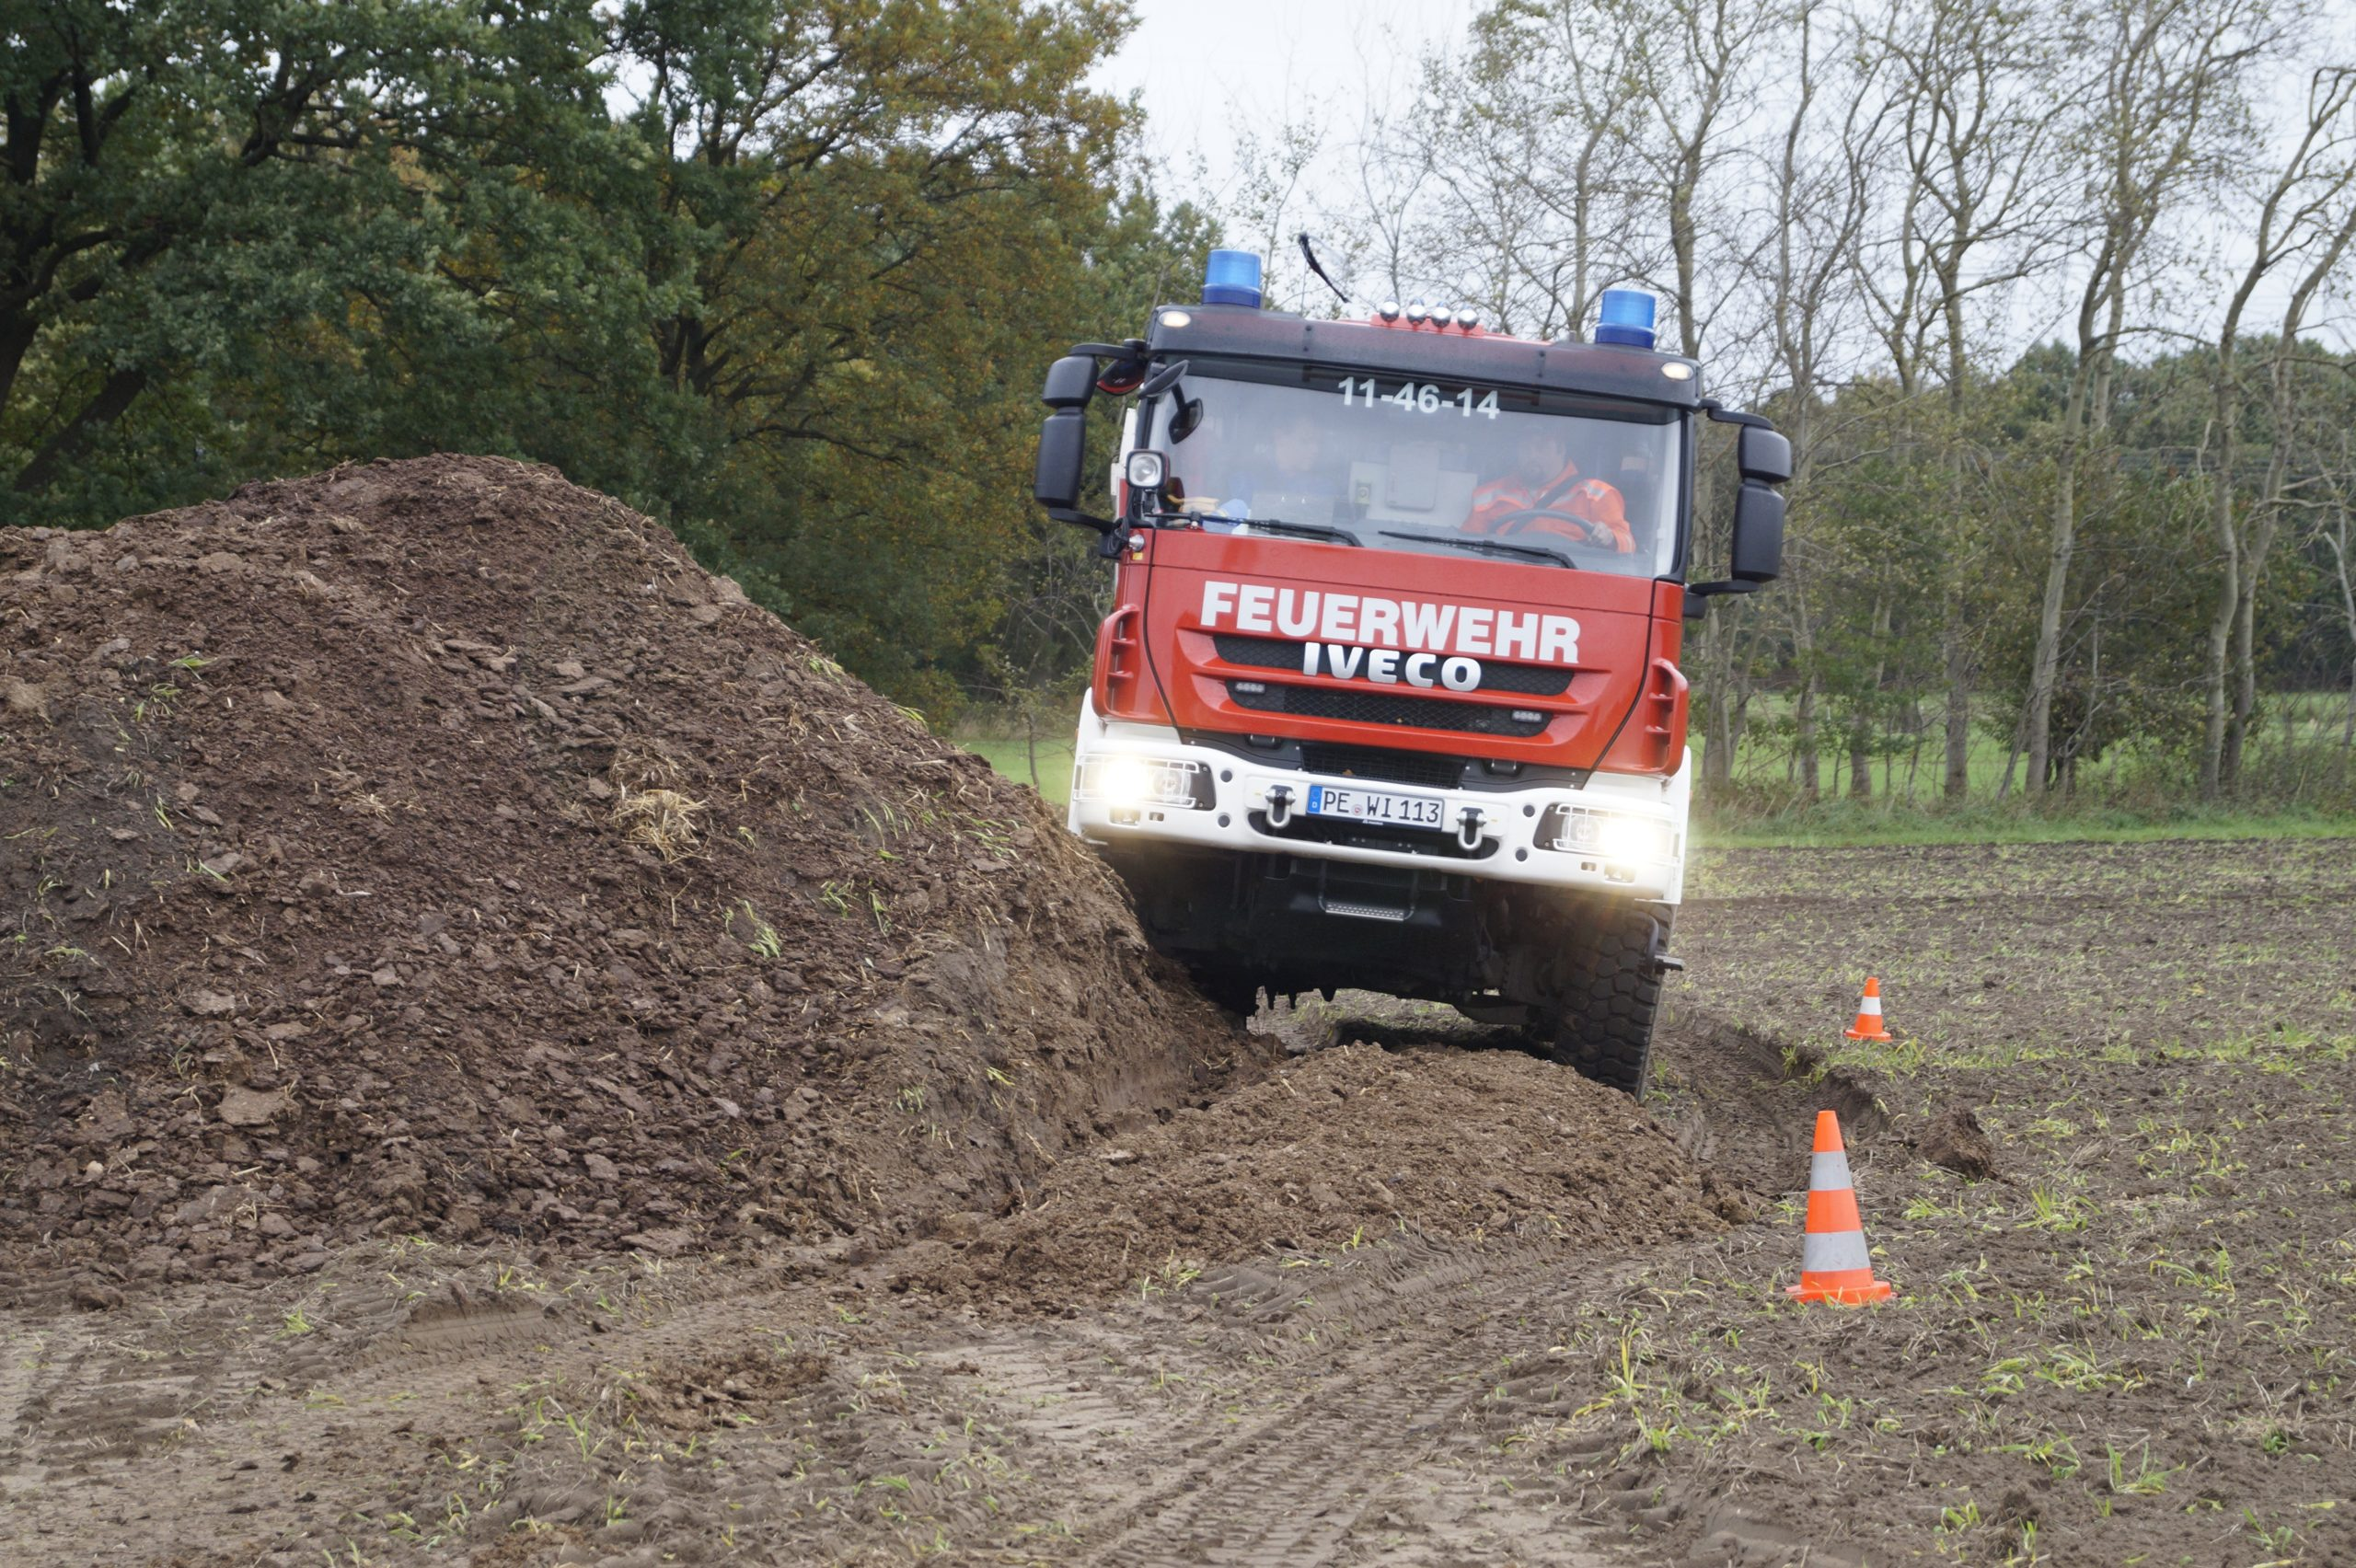 Feuerwehr-Gelände-Basis-Training